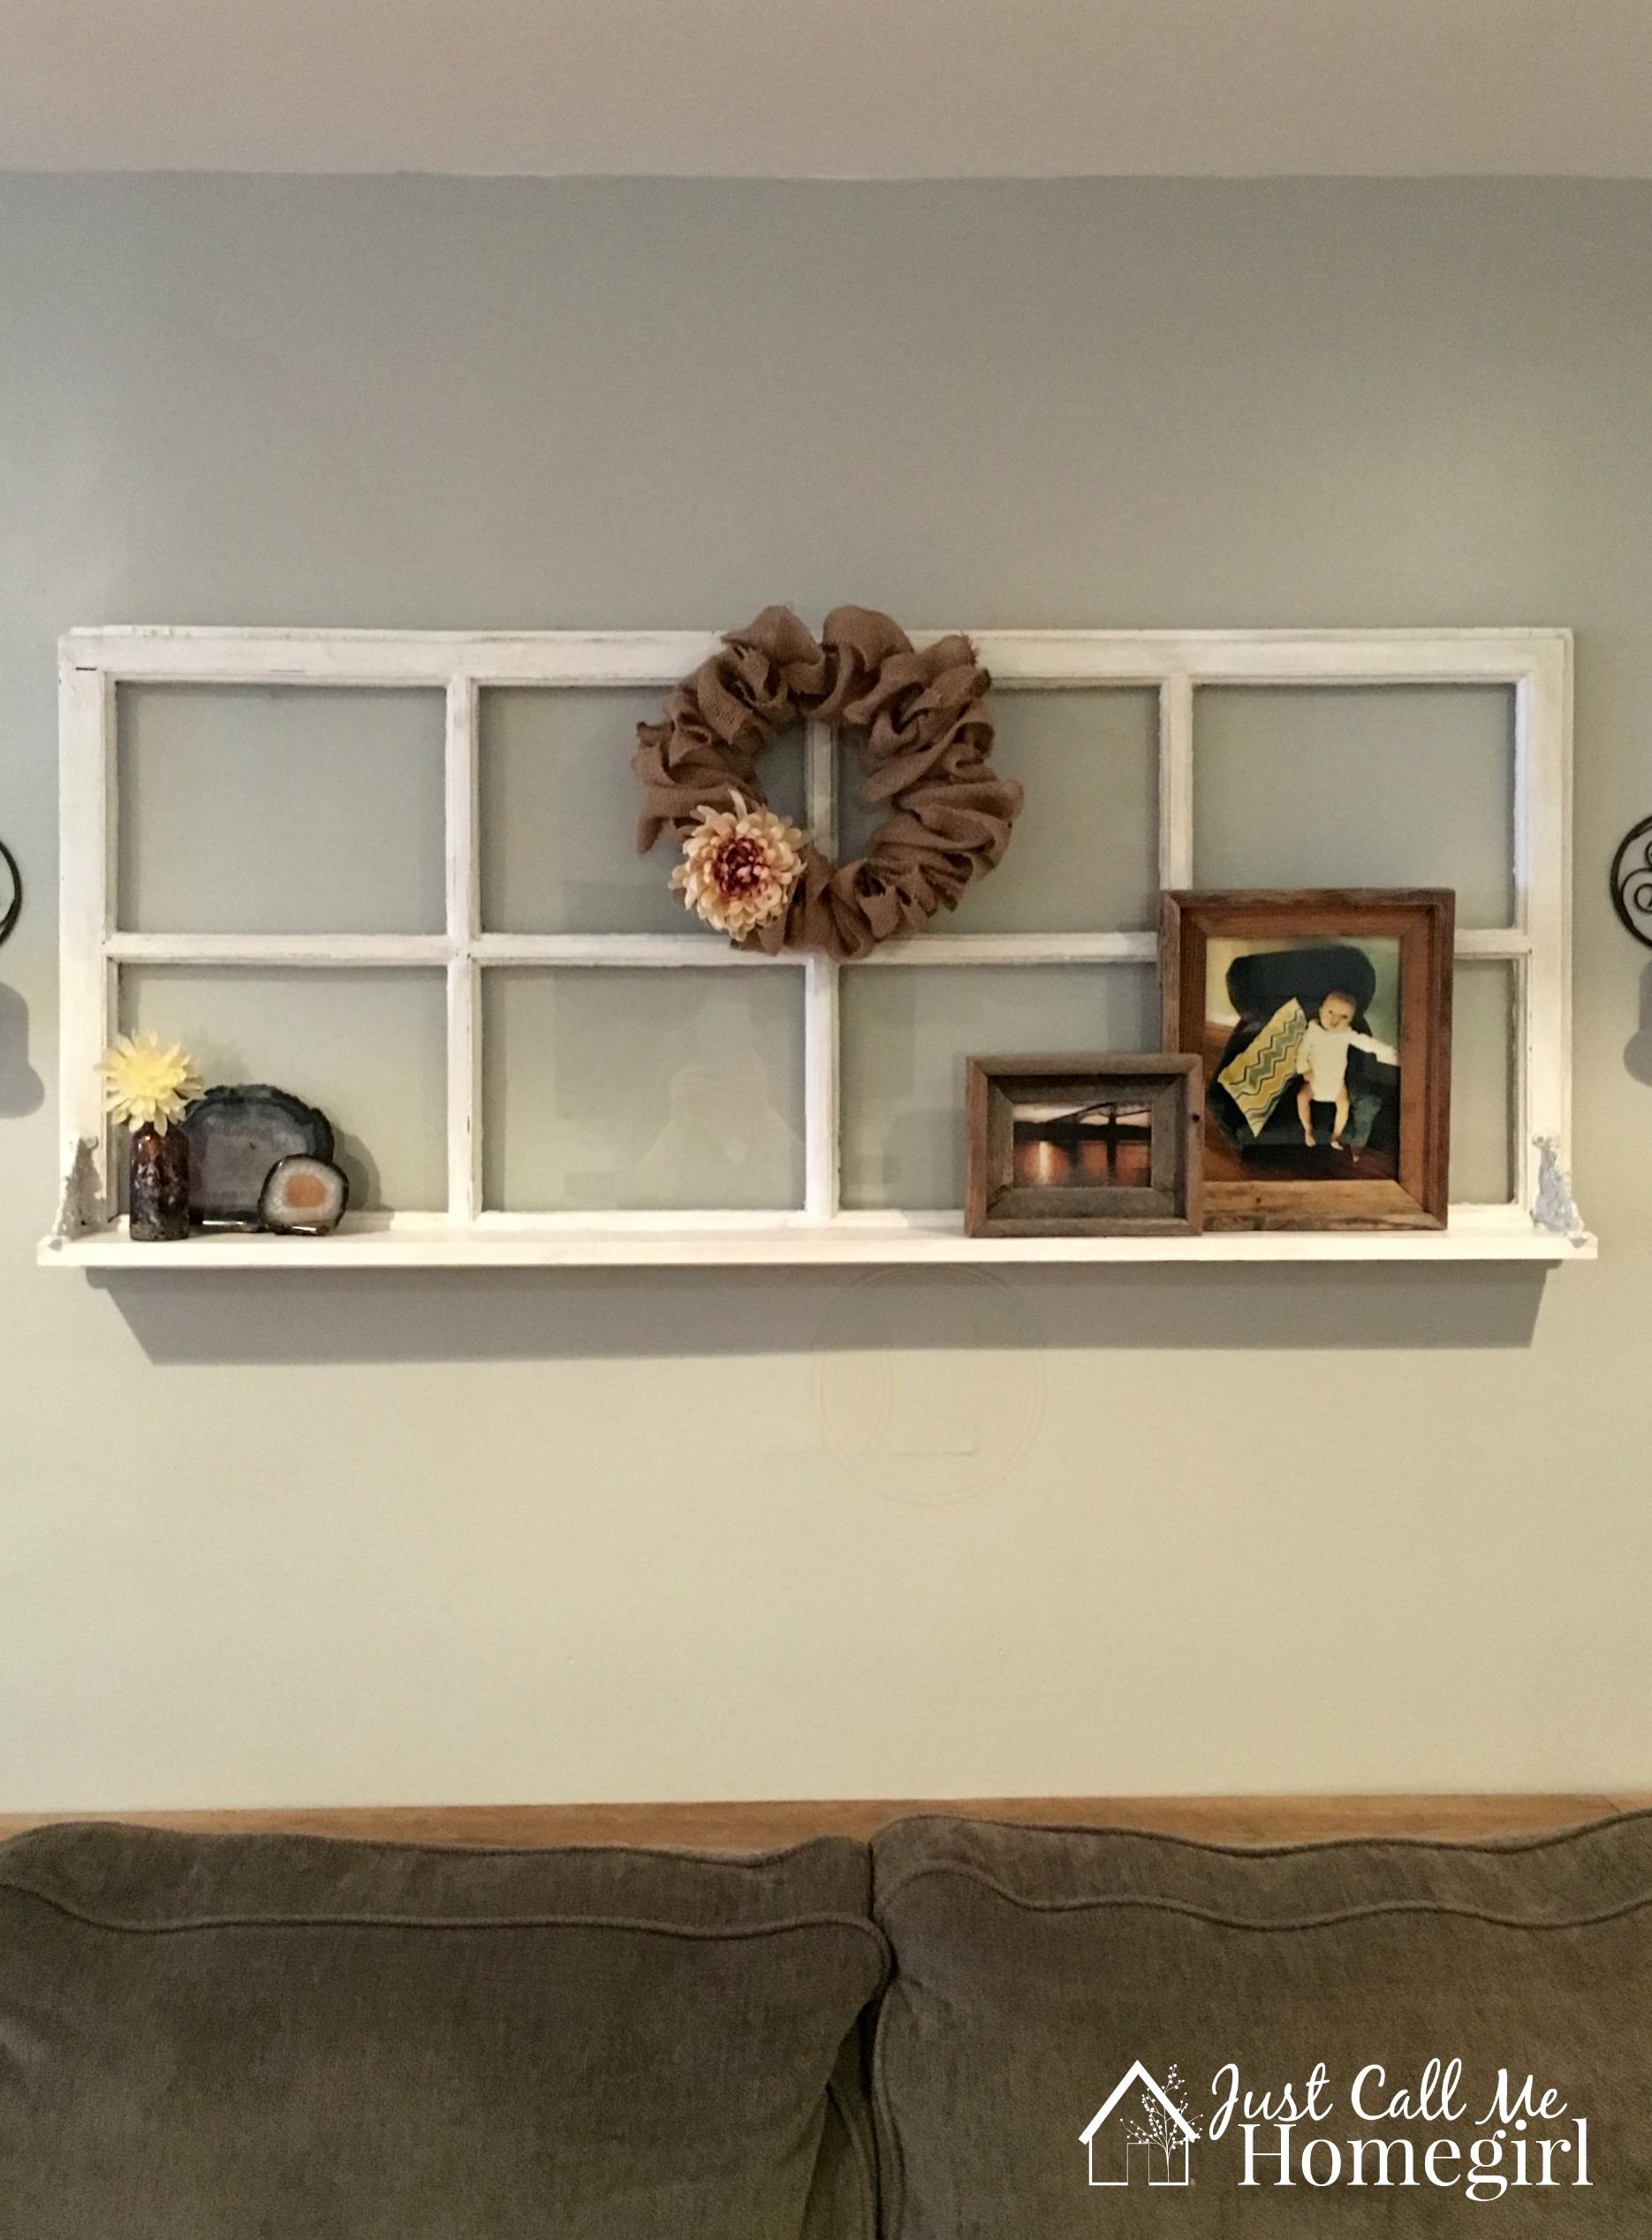 Adding a Shelf to an Old Window Just Call Me Homegirl